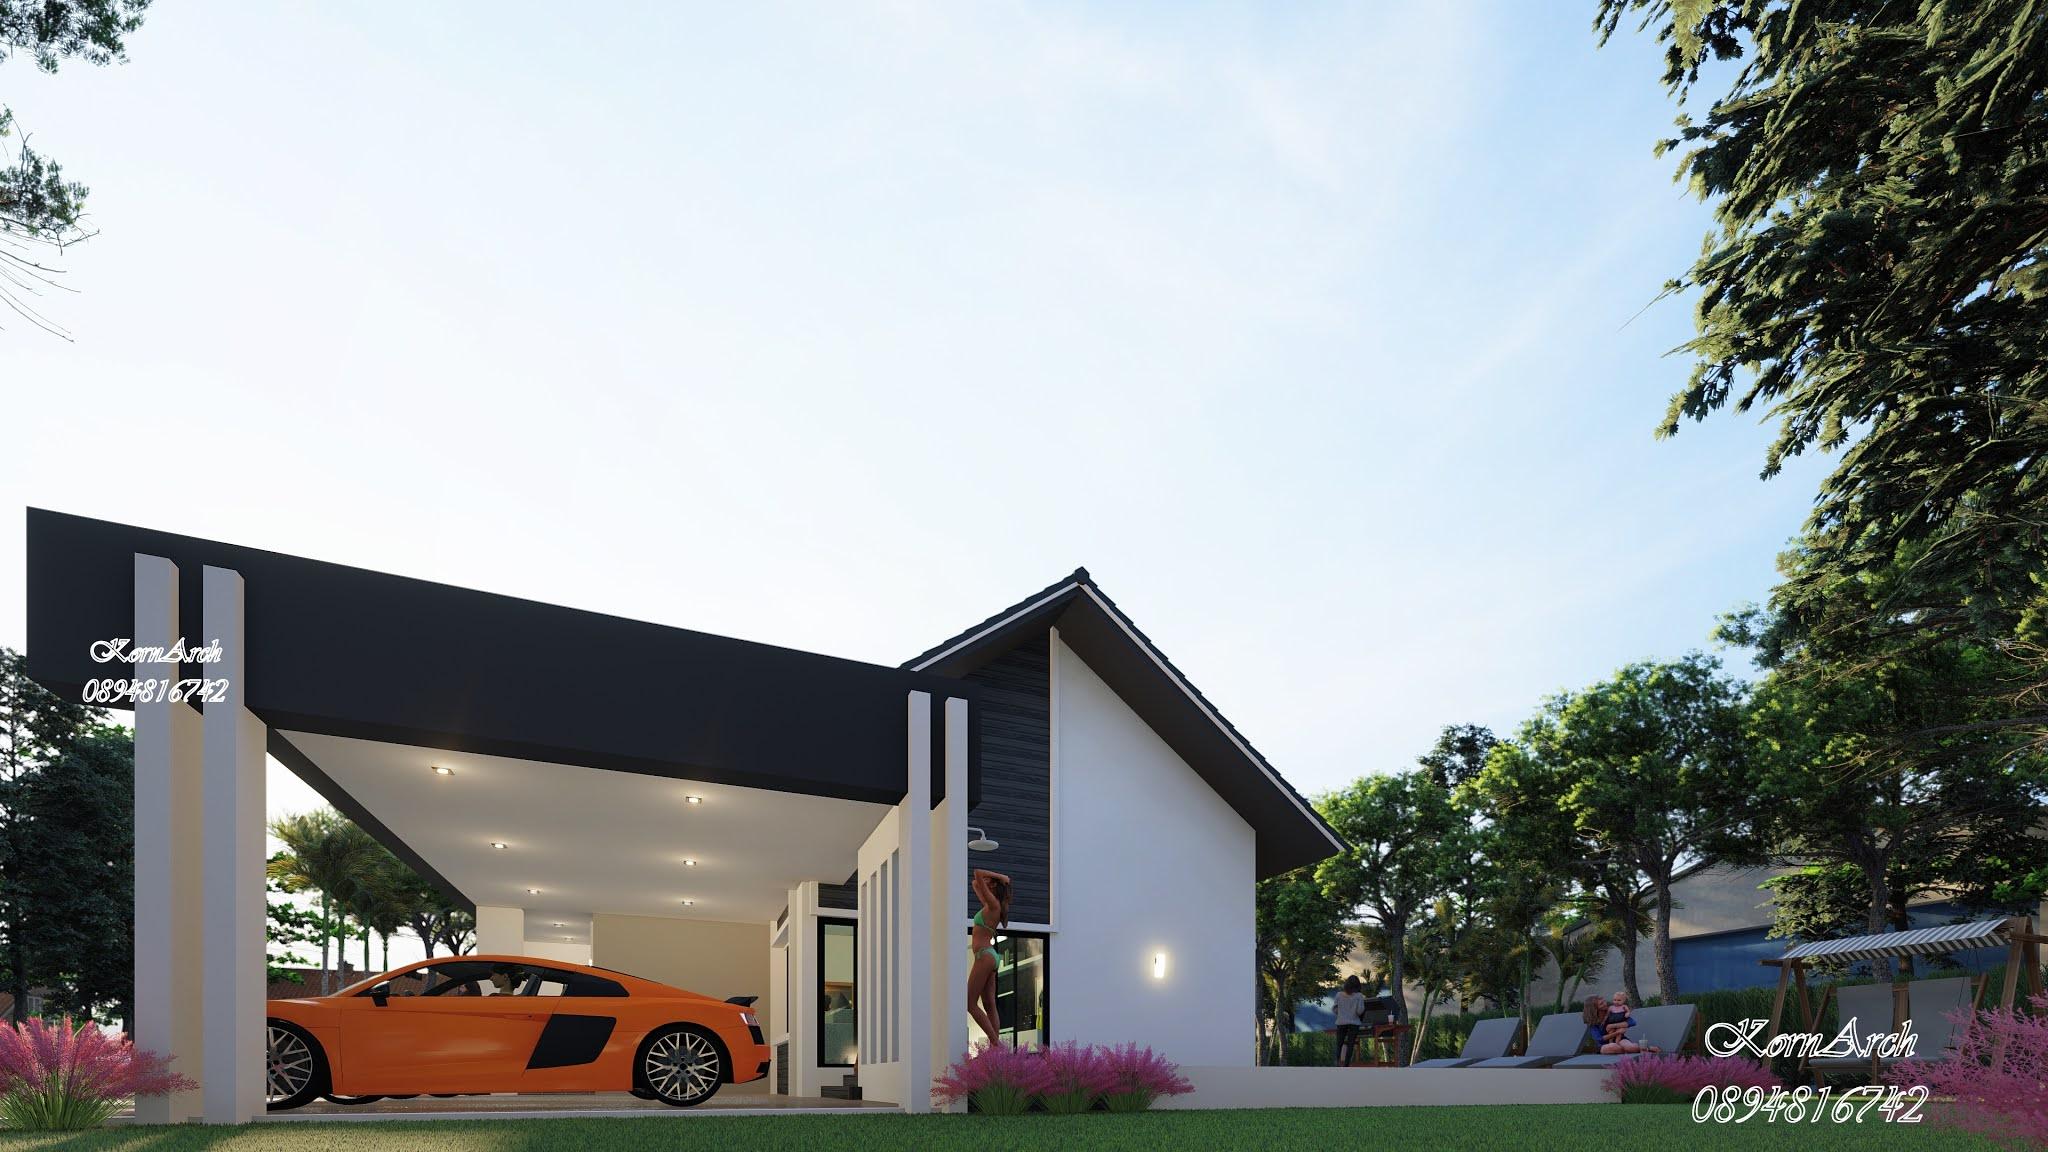 รับออกแบบบ้านชั้นเดียวสไตล์นอร์ดิก,แบบบ้านพร้อมสระ